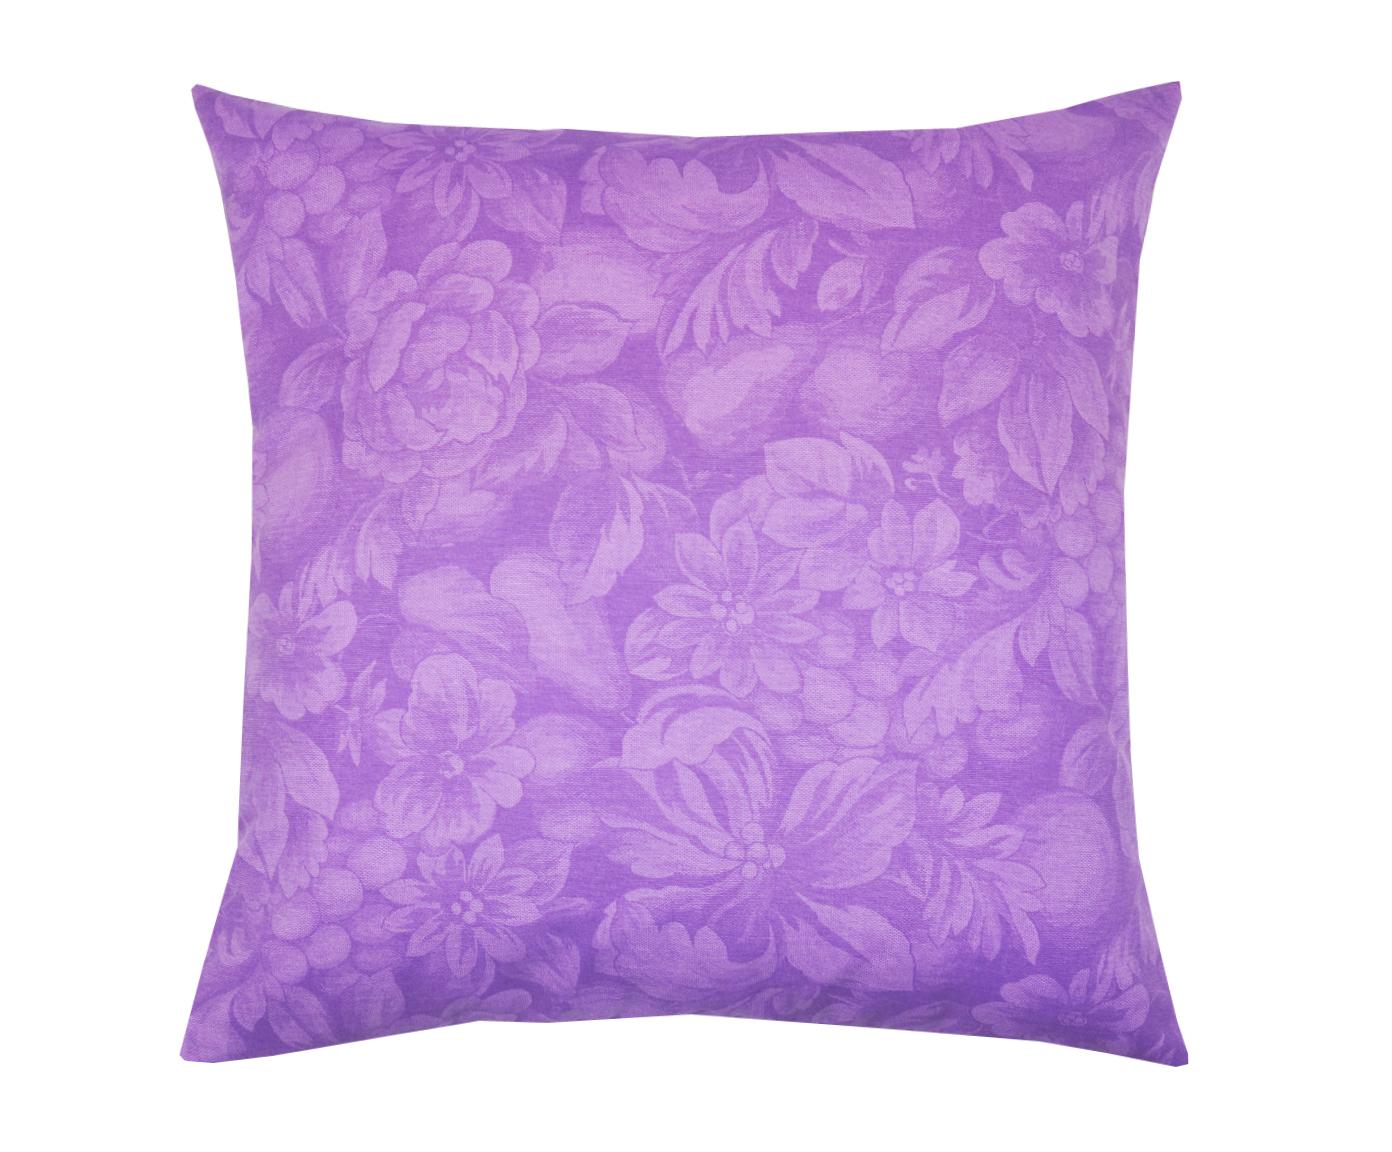 Подушка Lorret VioletКвадратные подушки и наволочки<br>Декоративная  подушка .Чехол съемный.<br><br>Material: Хлопок<br>Ширина см: 45<br>Высота см: 45<br>Глубина см: 15